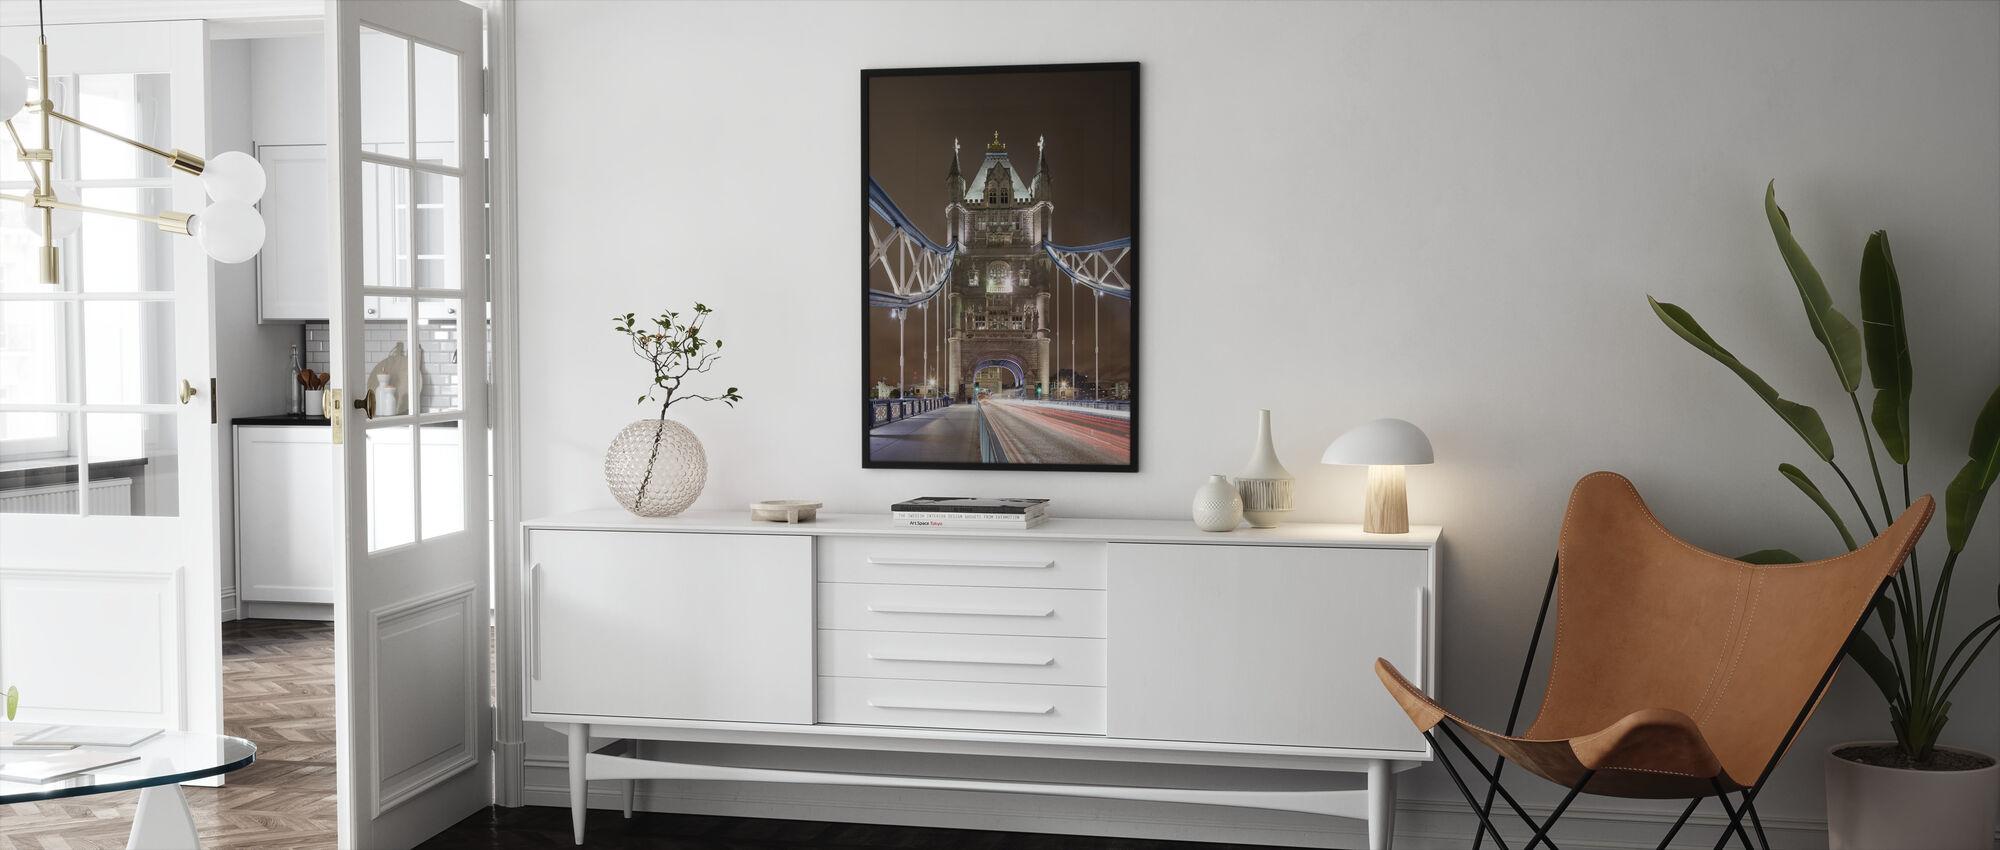 Standing on London Bridge II - Framed print - Living Room